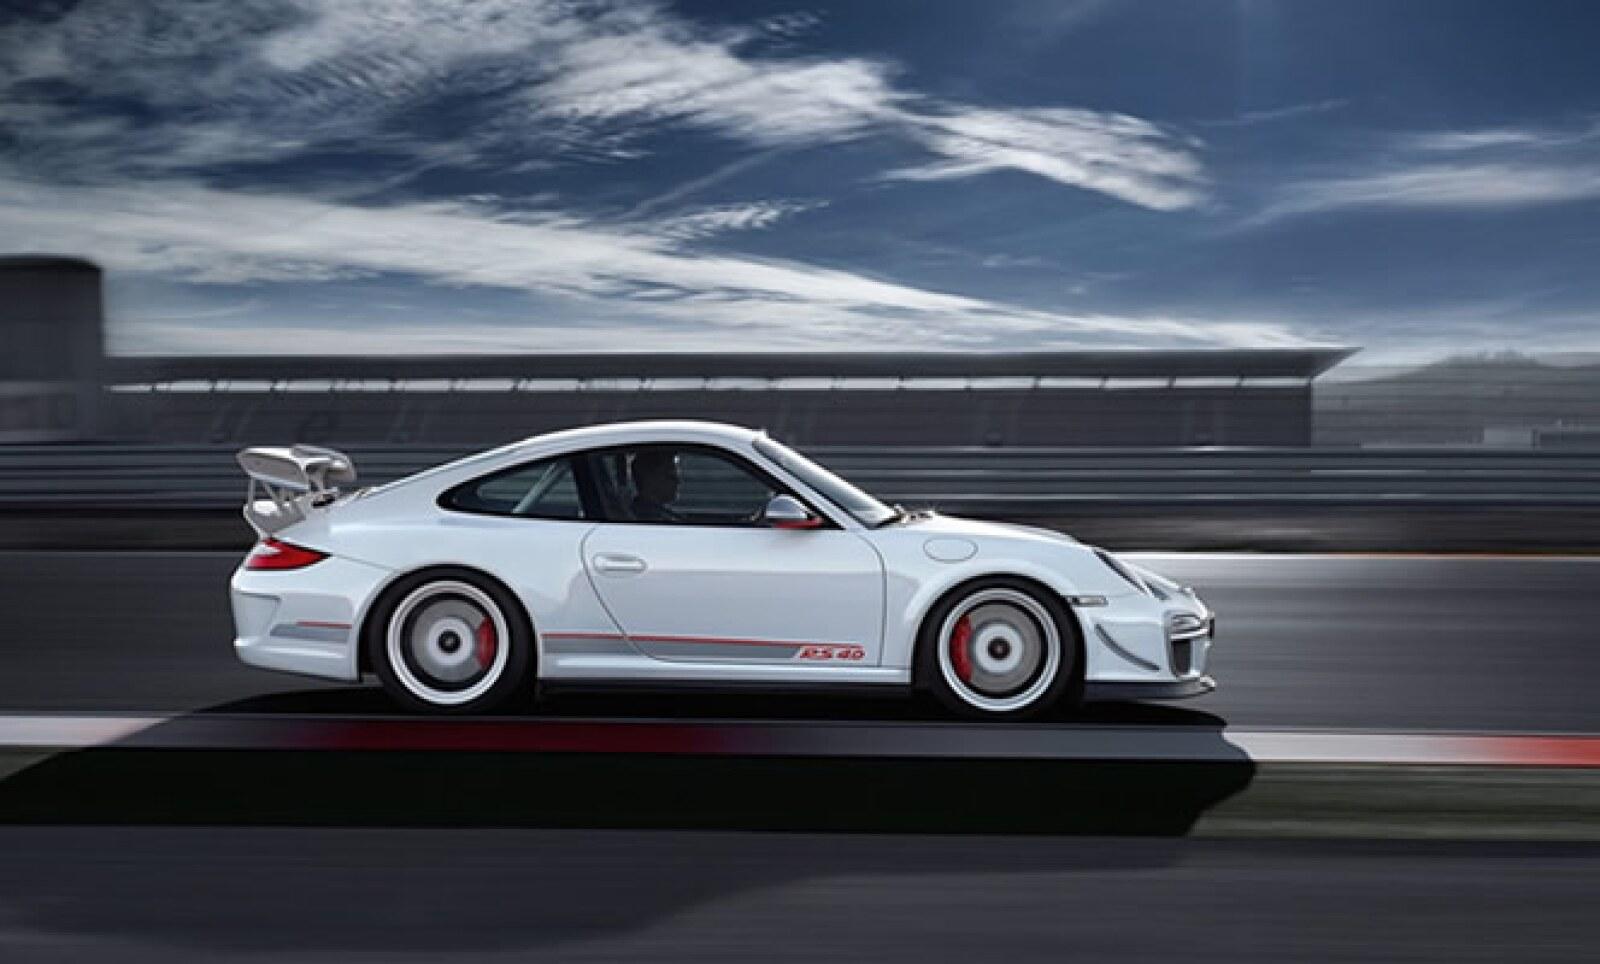 Alcanza los 100 kilómetros por hora en poco menos de 3.8 segundos y su velocidad máxima supera los 320 km/h.